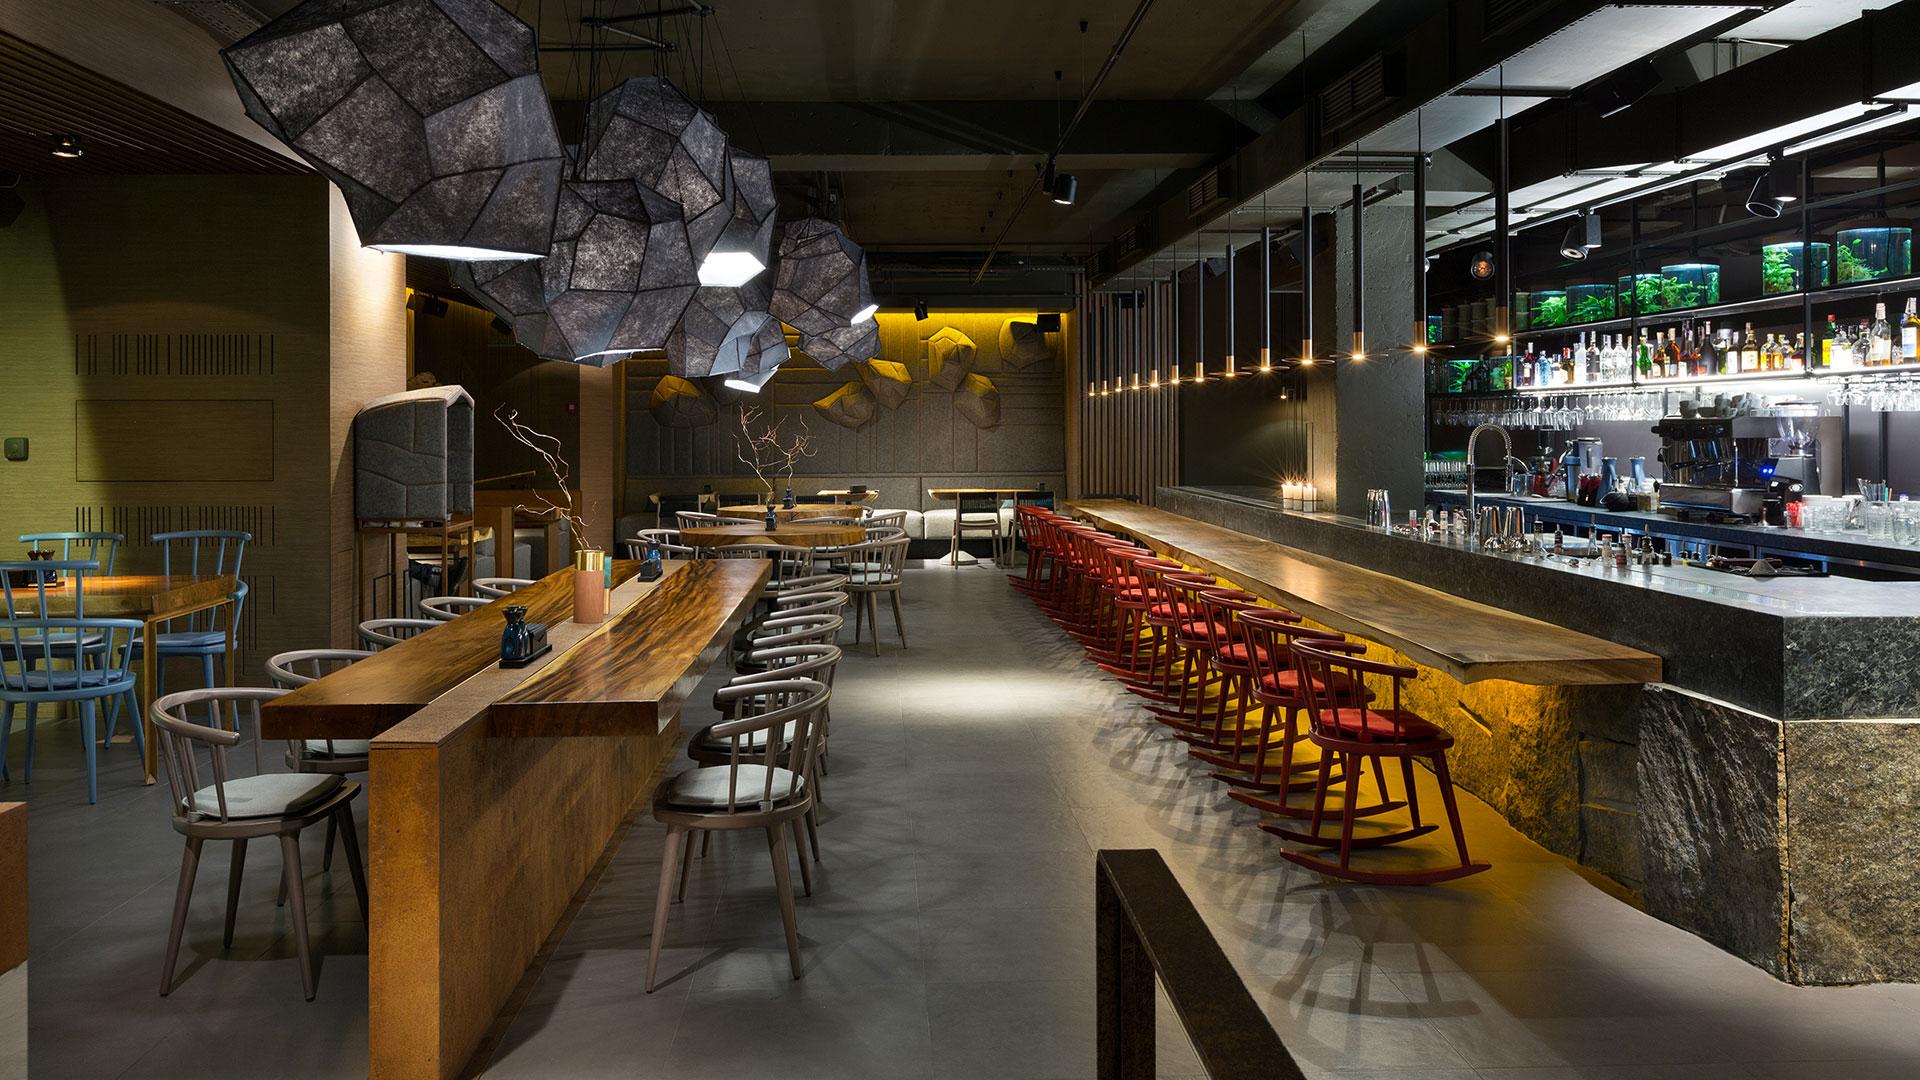 asiatische raumgestaltung das restaurant east in kiew